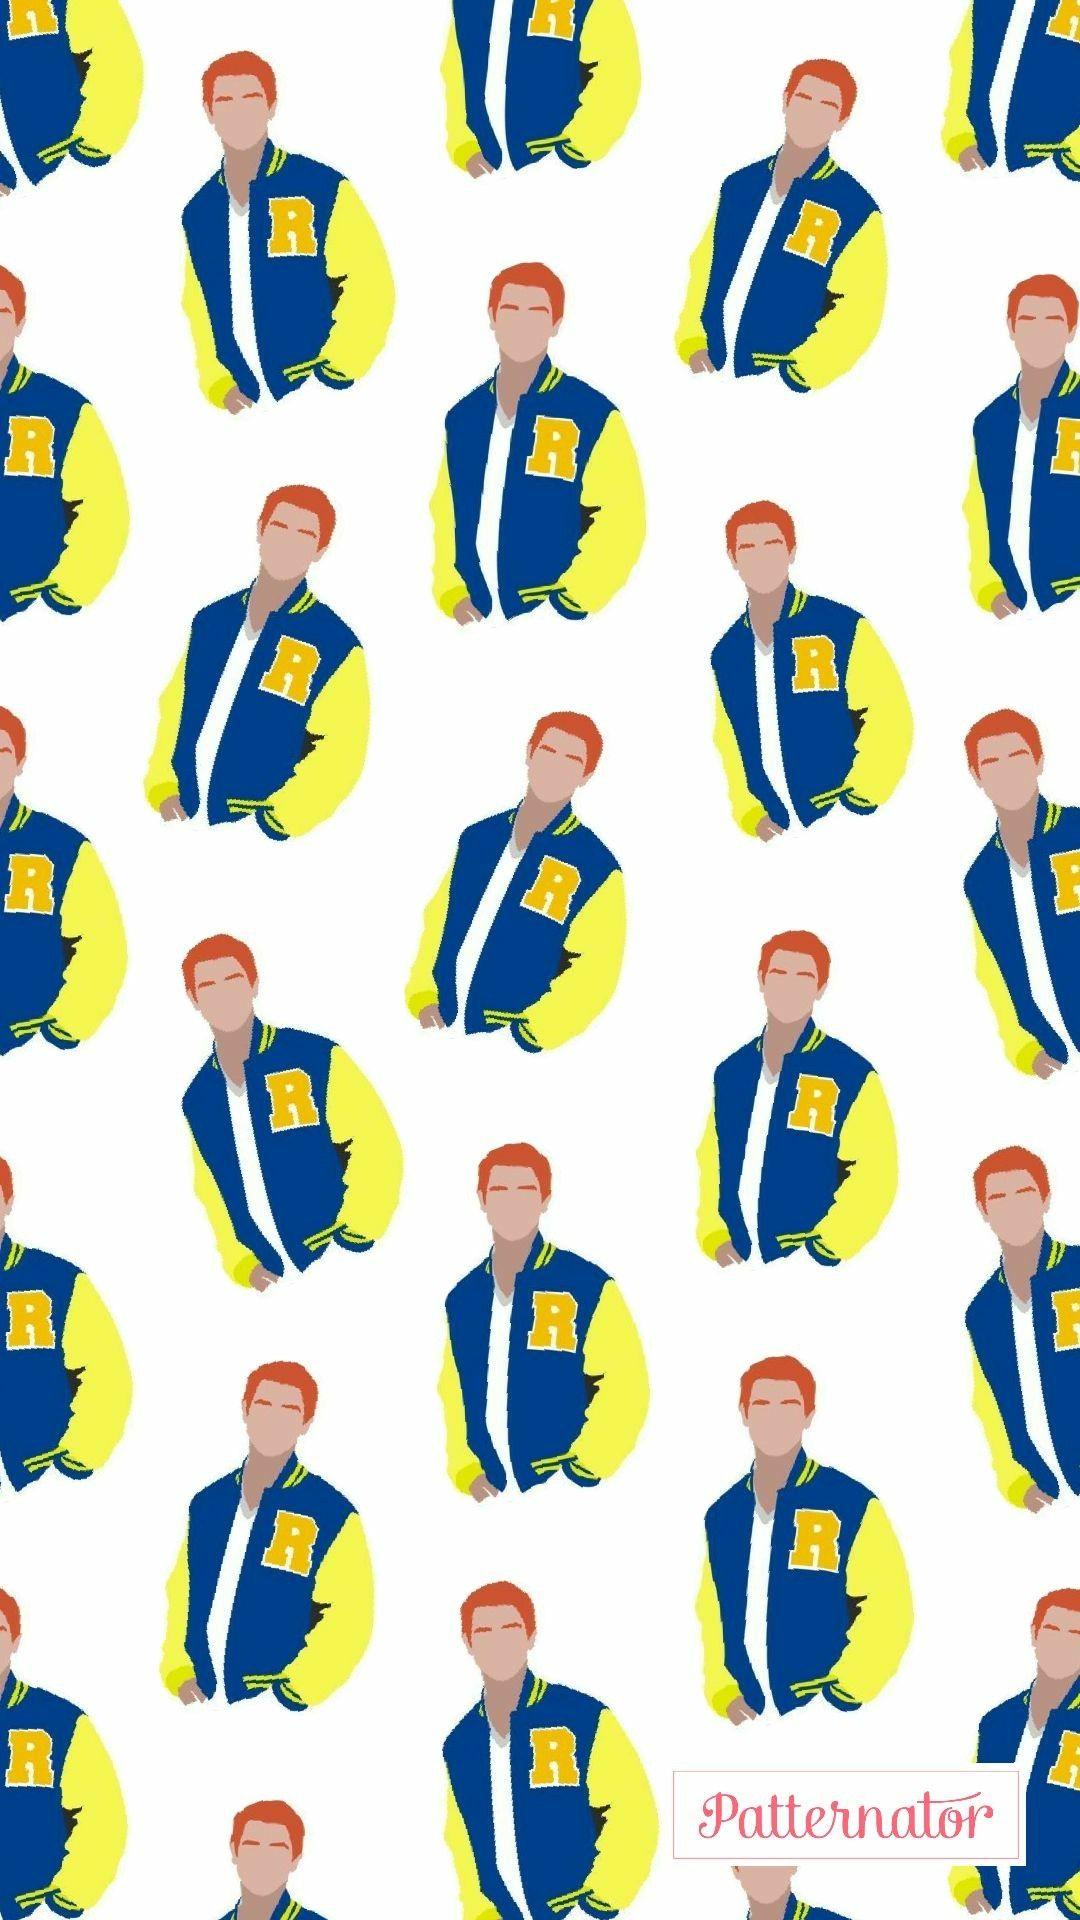 Wallpaper Archie Riverdale Sfondi Sfondi Carini Case Di Carta